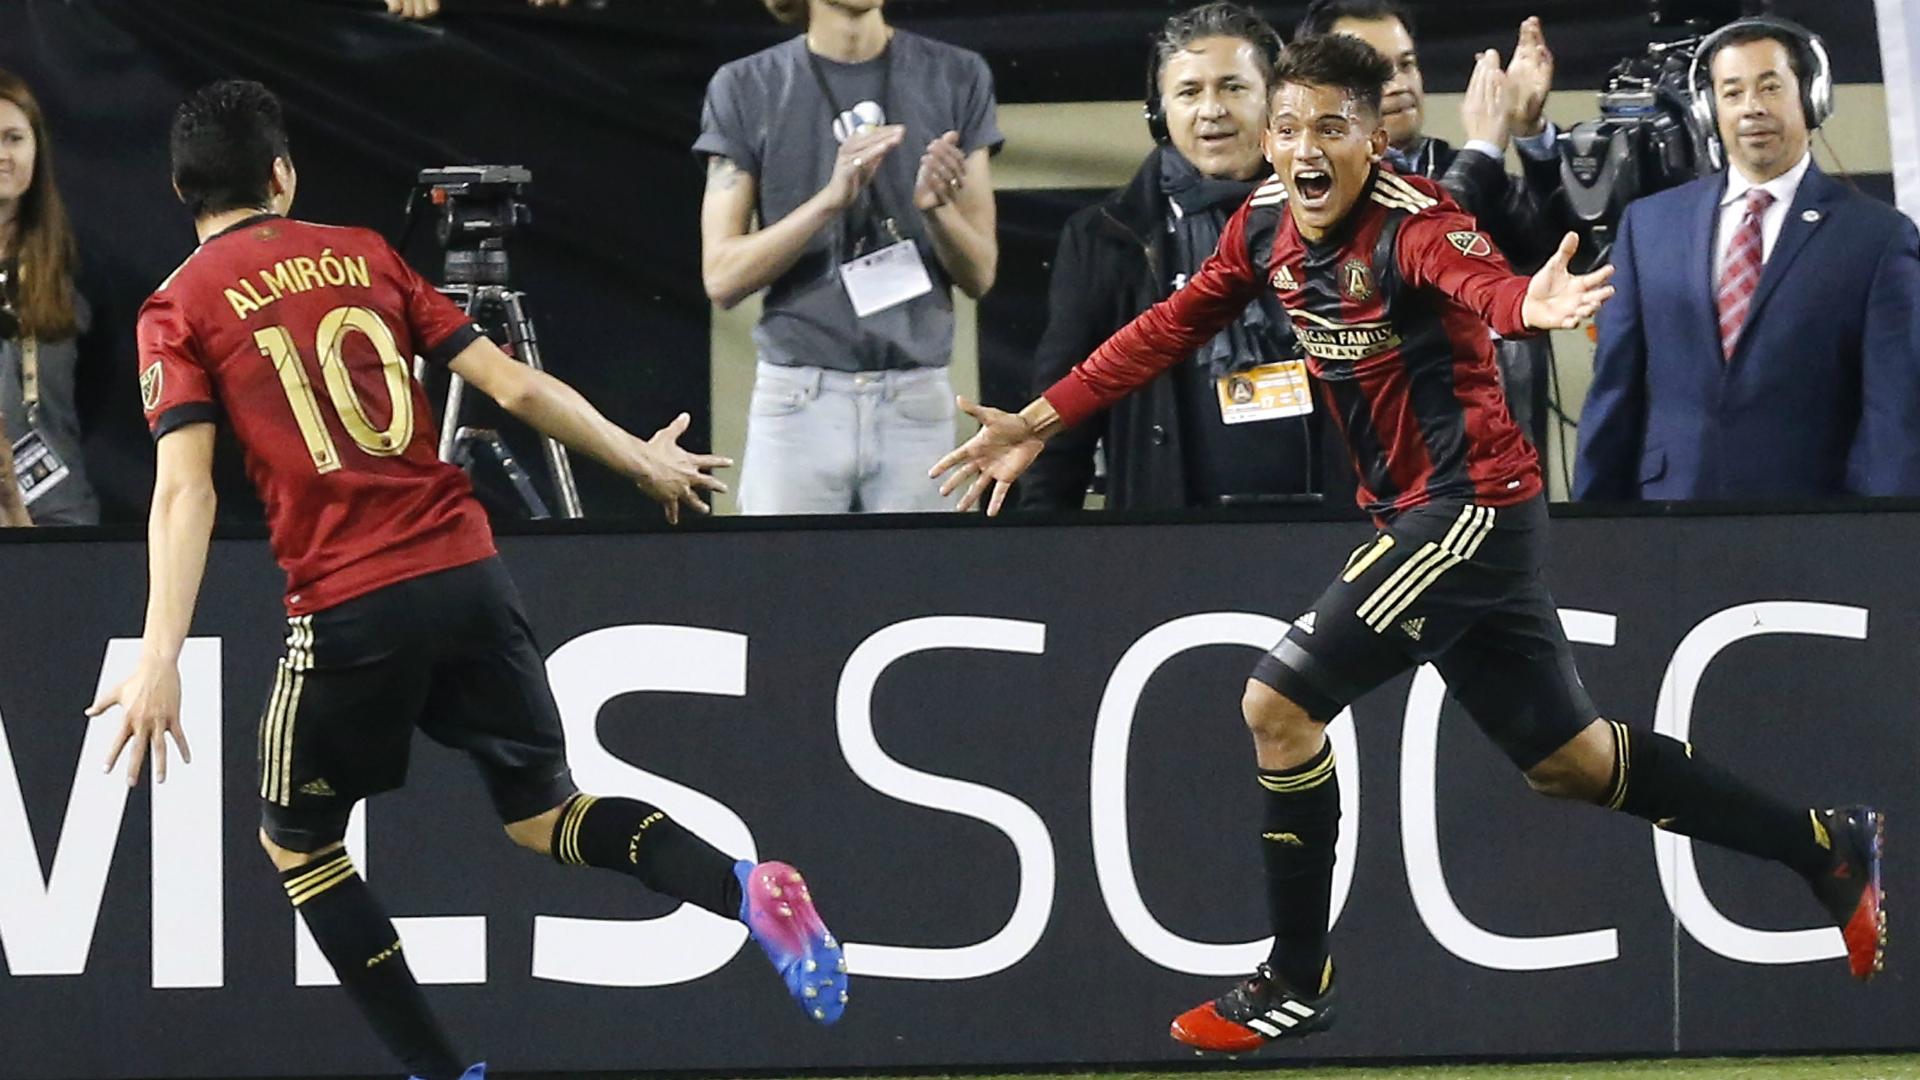 El paraguayo Almirón gana segundo premio consecutivo de Jugador de la Semana